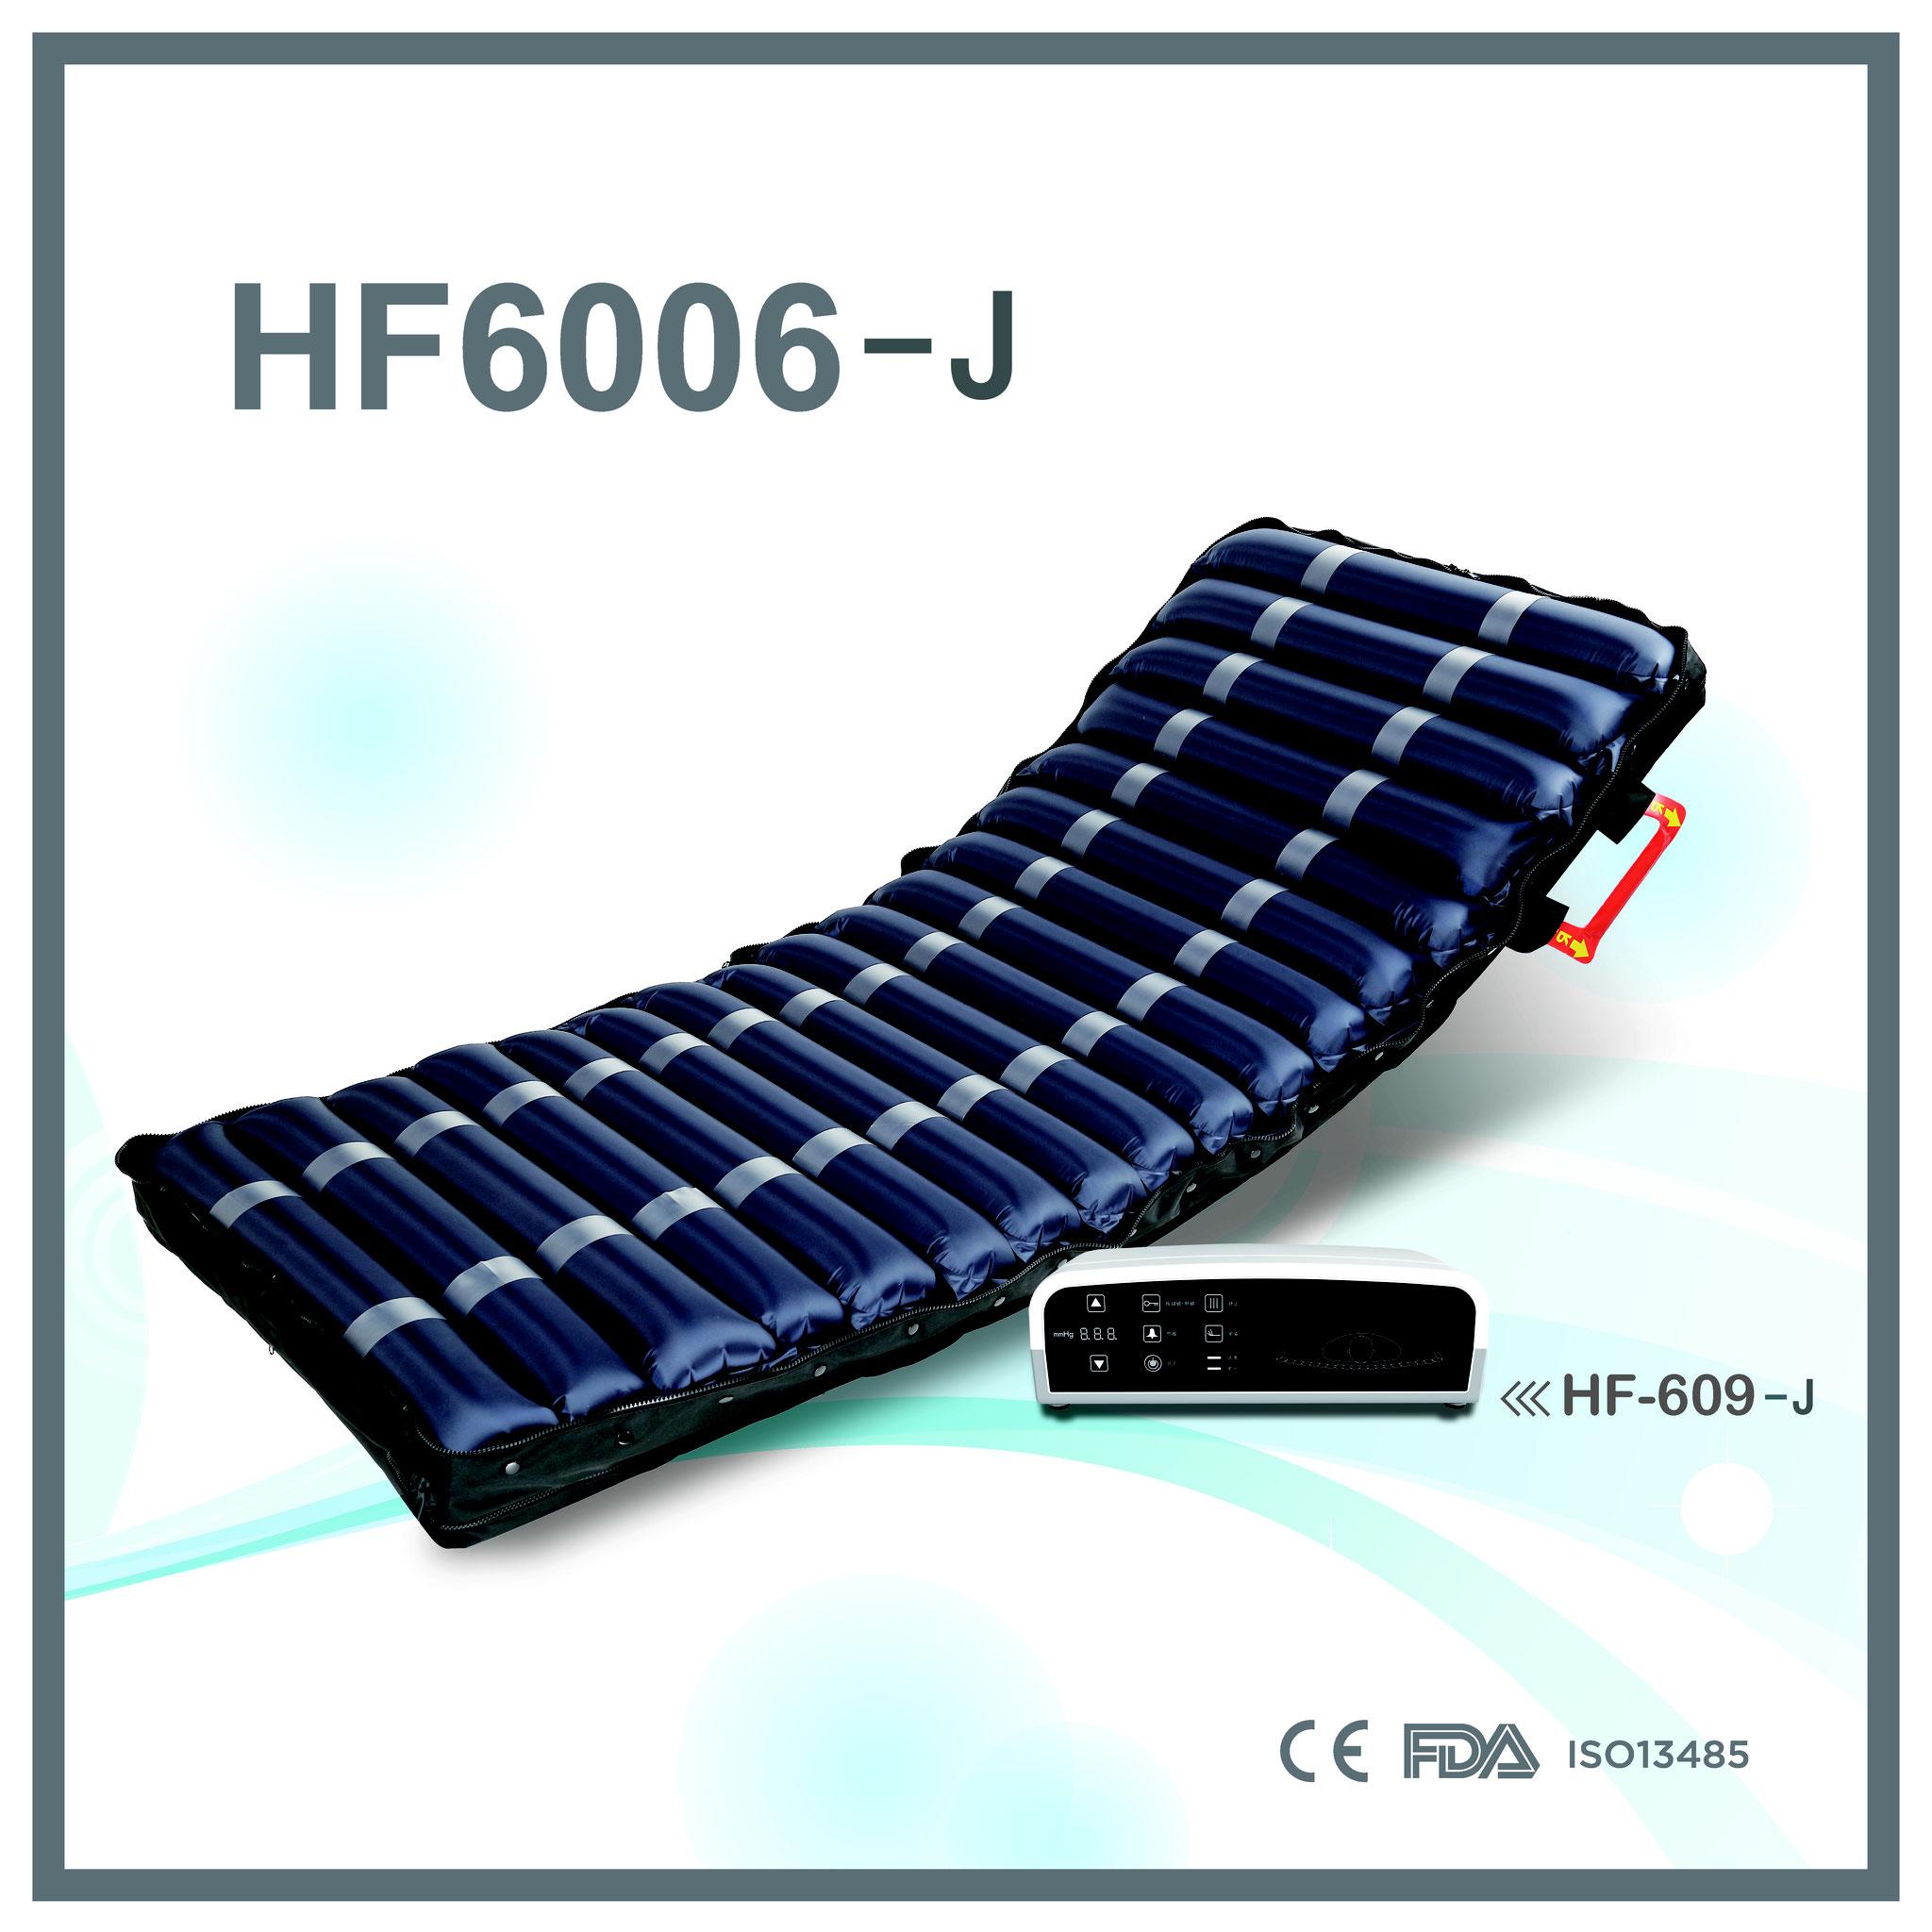 HF6006-J 病院対応 18本の13㎝径エアセルチューブ+低反発フォームマットレス